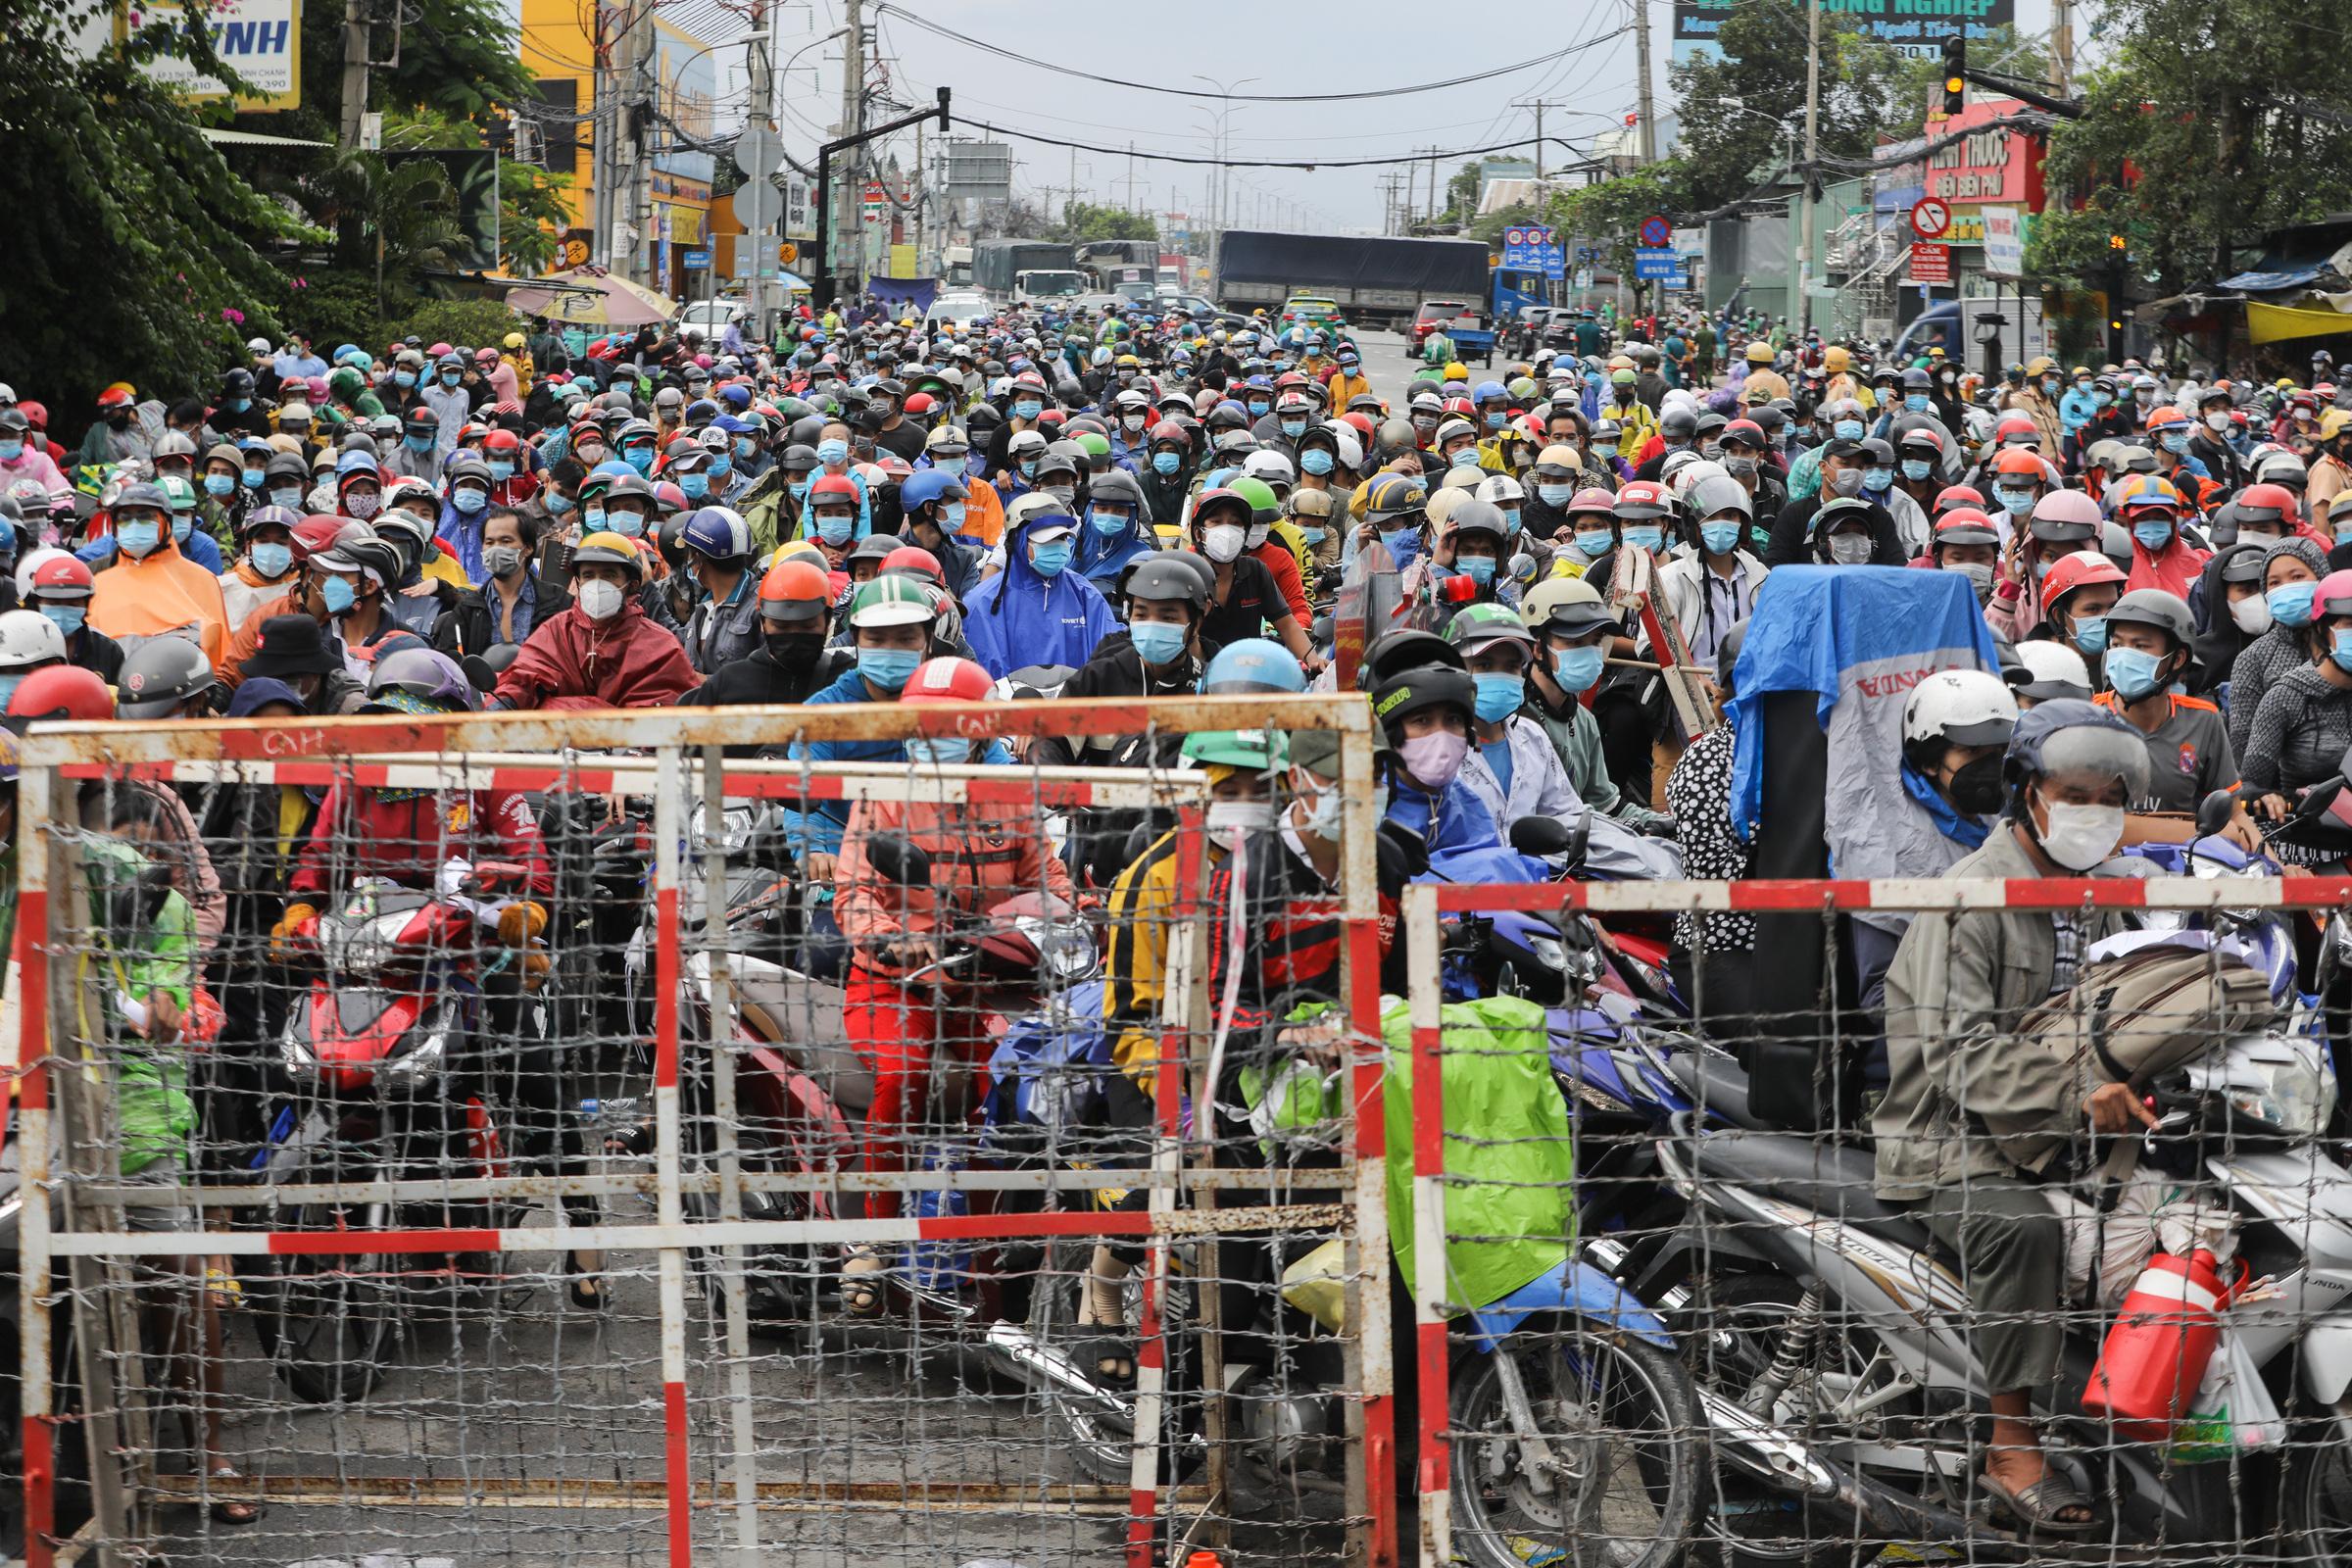 Hàng nghìn người dân chờ ở chốt kiểm soát trên quốc lộ 1A, huyện Bình Chánh TP HCM để chờ về quê ở các tỉnh miền Tây, ngày 1/10. Ảnh: Quỳnh Trần